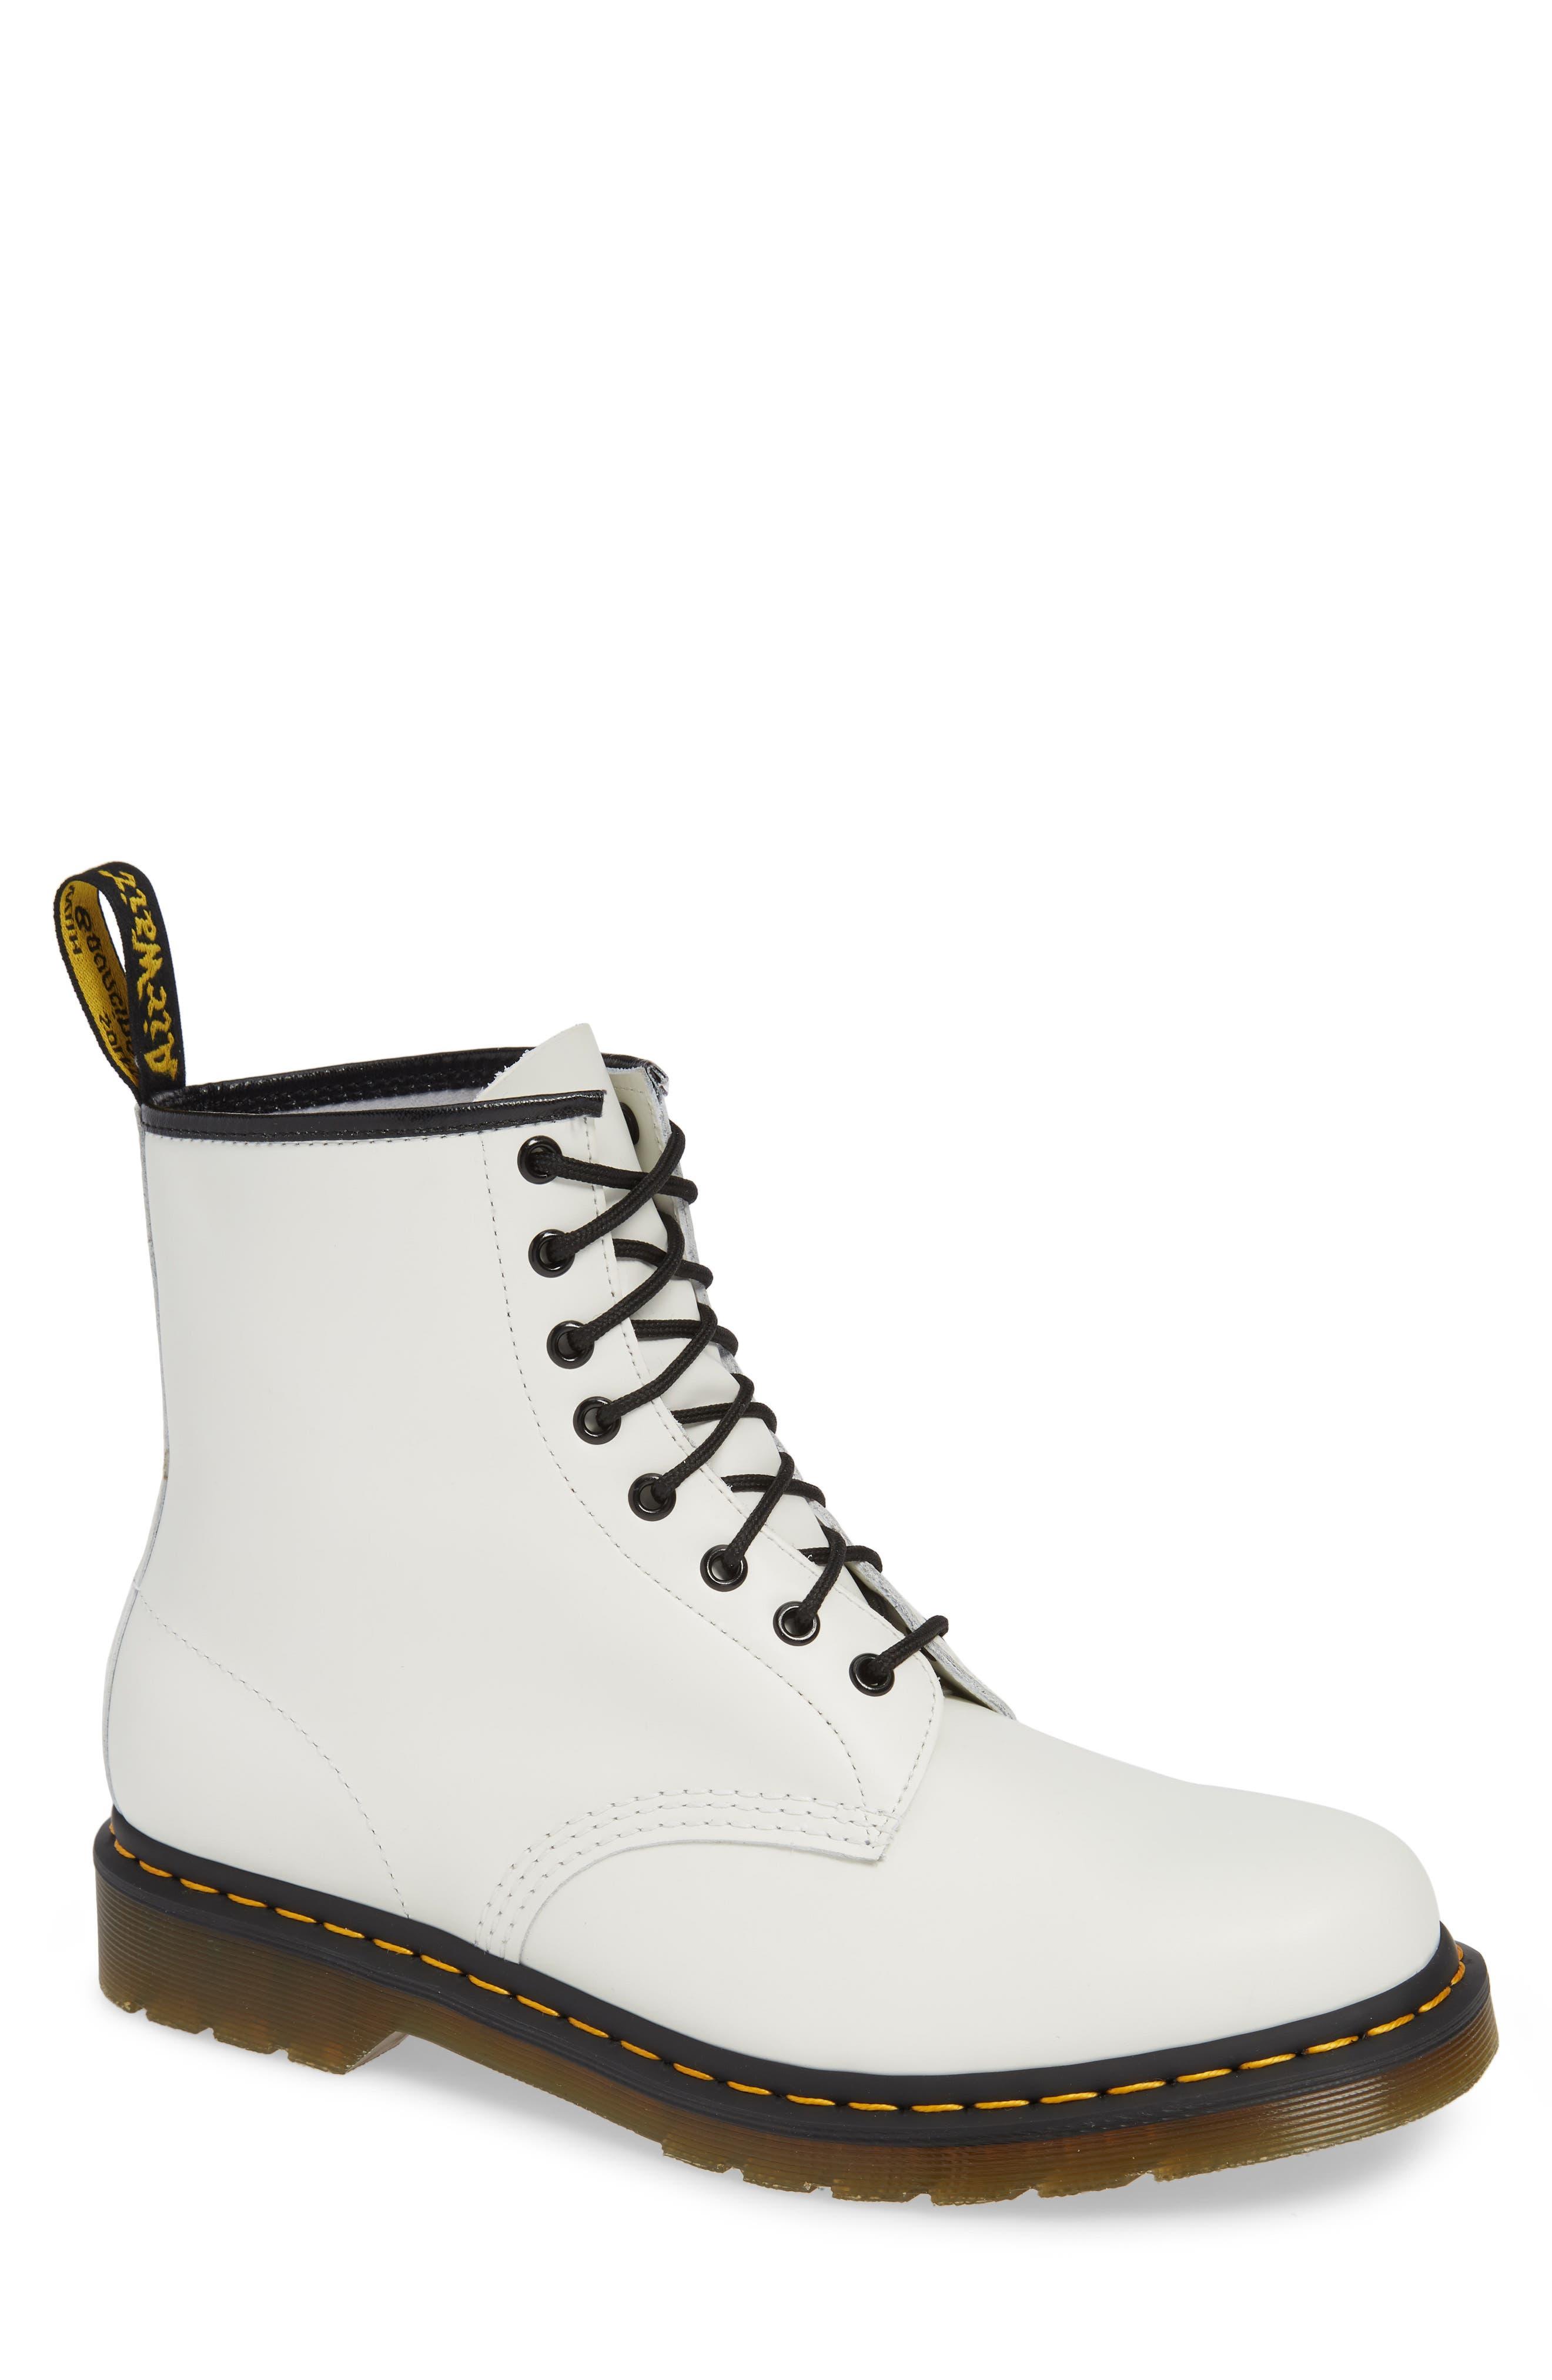 76faace29 Men s Shoes